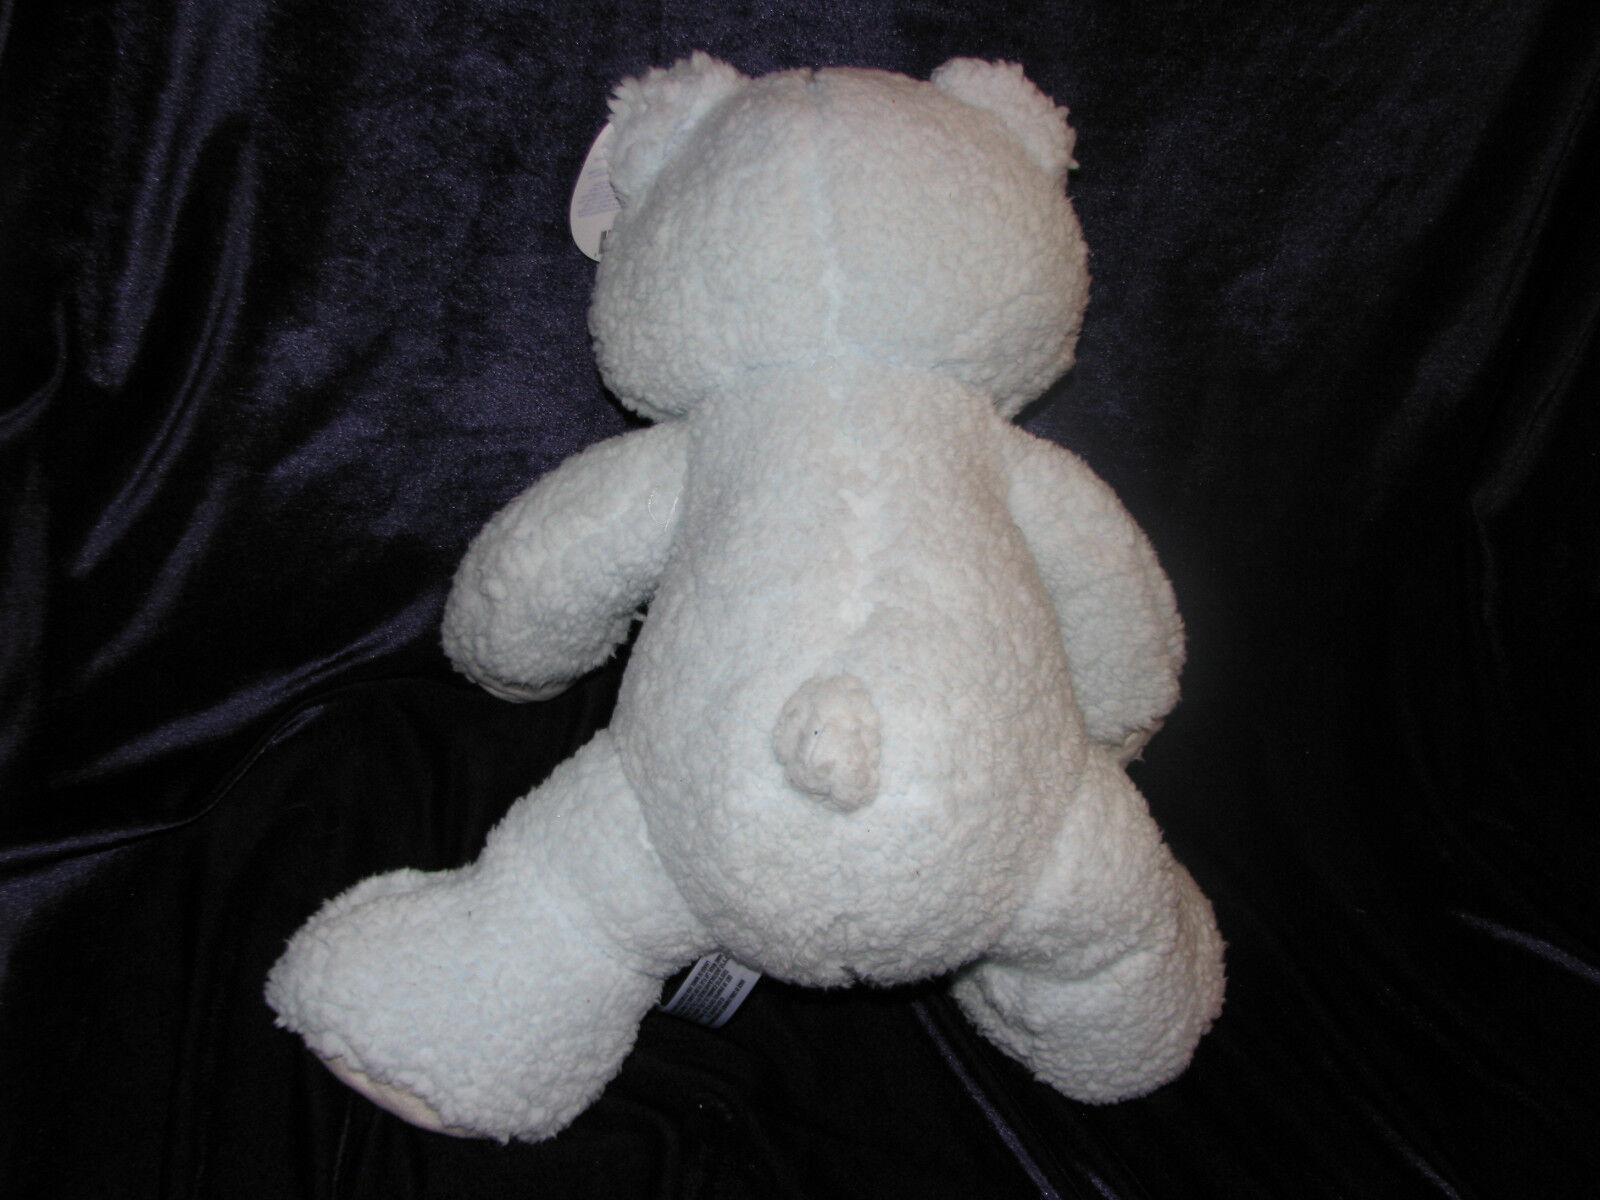 TOYS BABIES R US STUFFED PLUSH PLUSH PLUSH blueE SHERPA TEDDY BEAR SOFT CUDDLY NEW NWT 14  559ee3